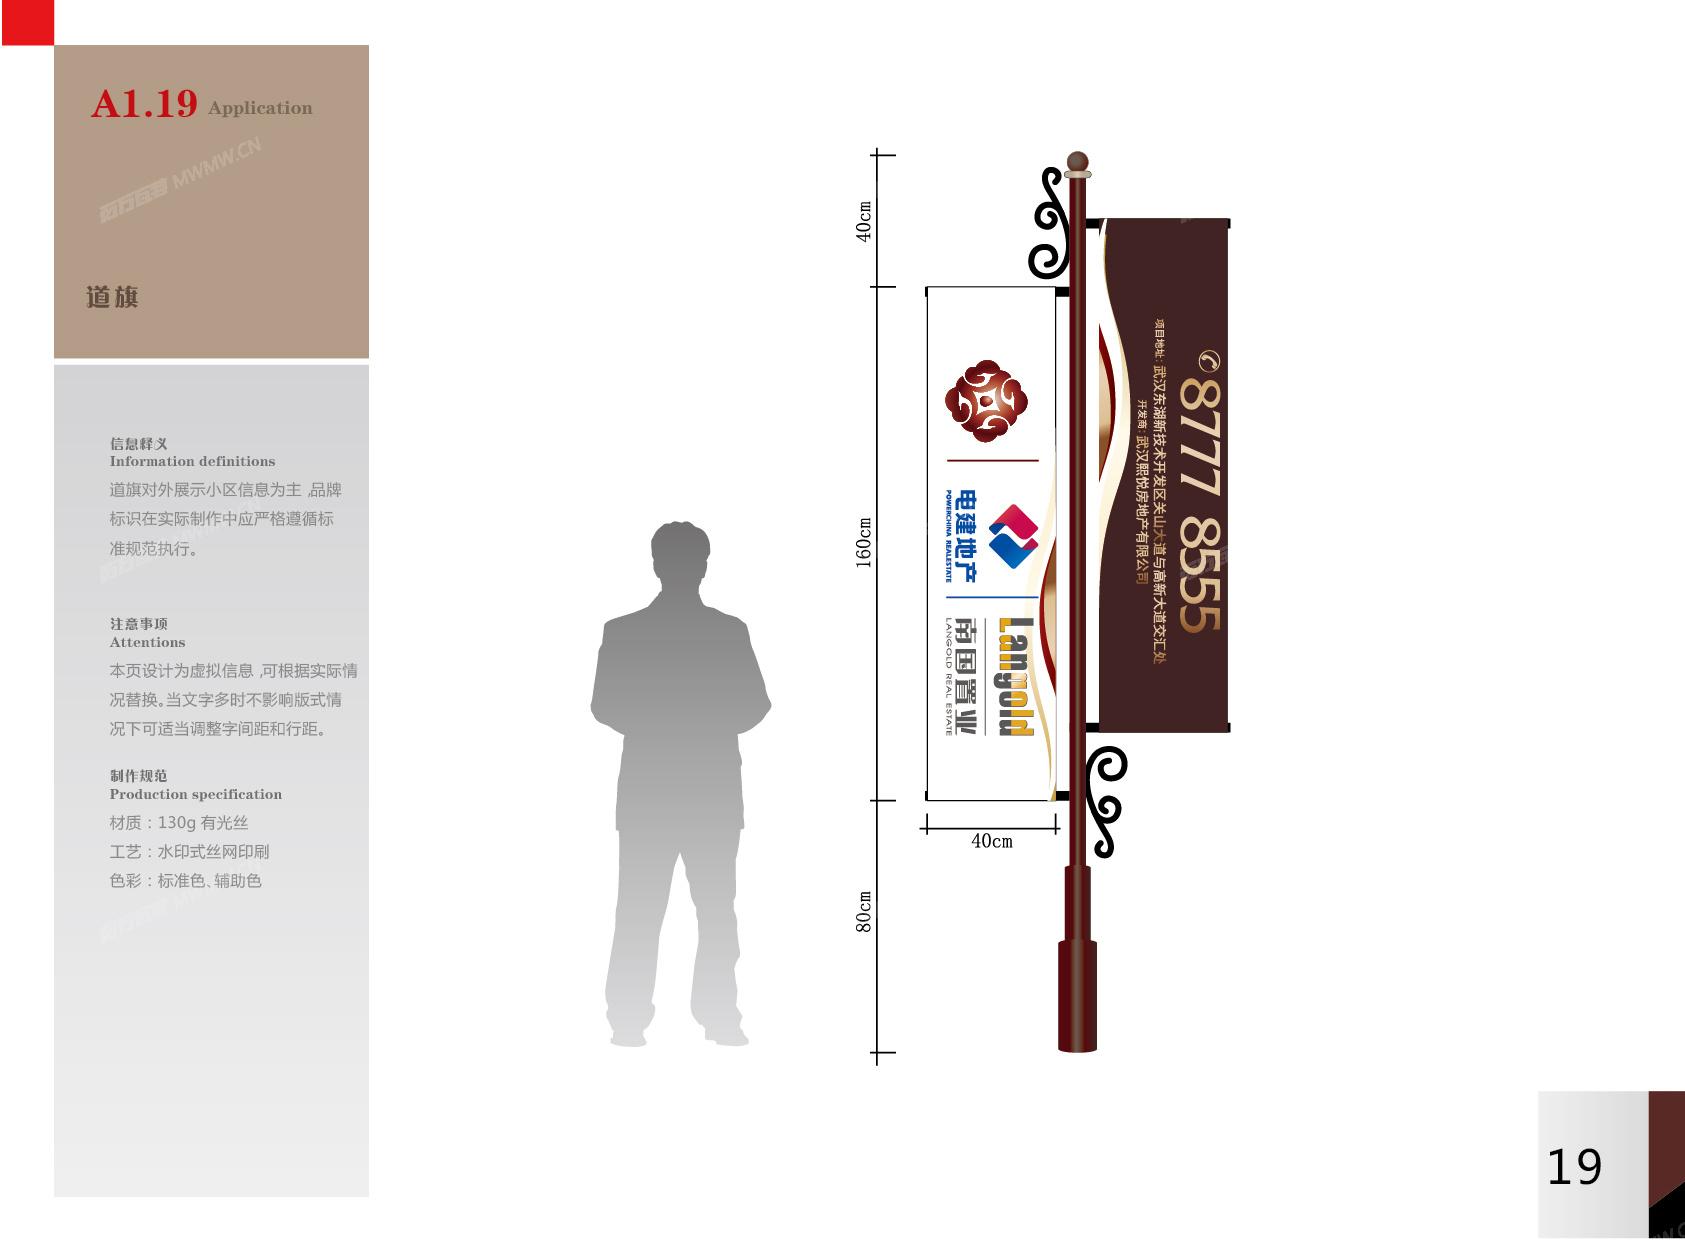 泷悦华府环境导视系统设计方案3.0cs520180112-04.jpg